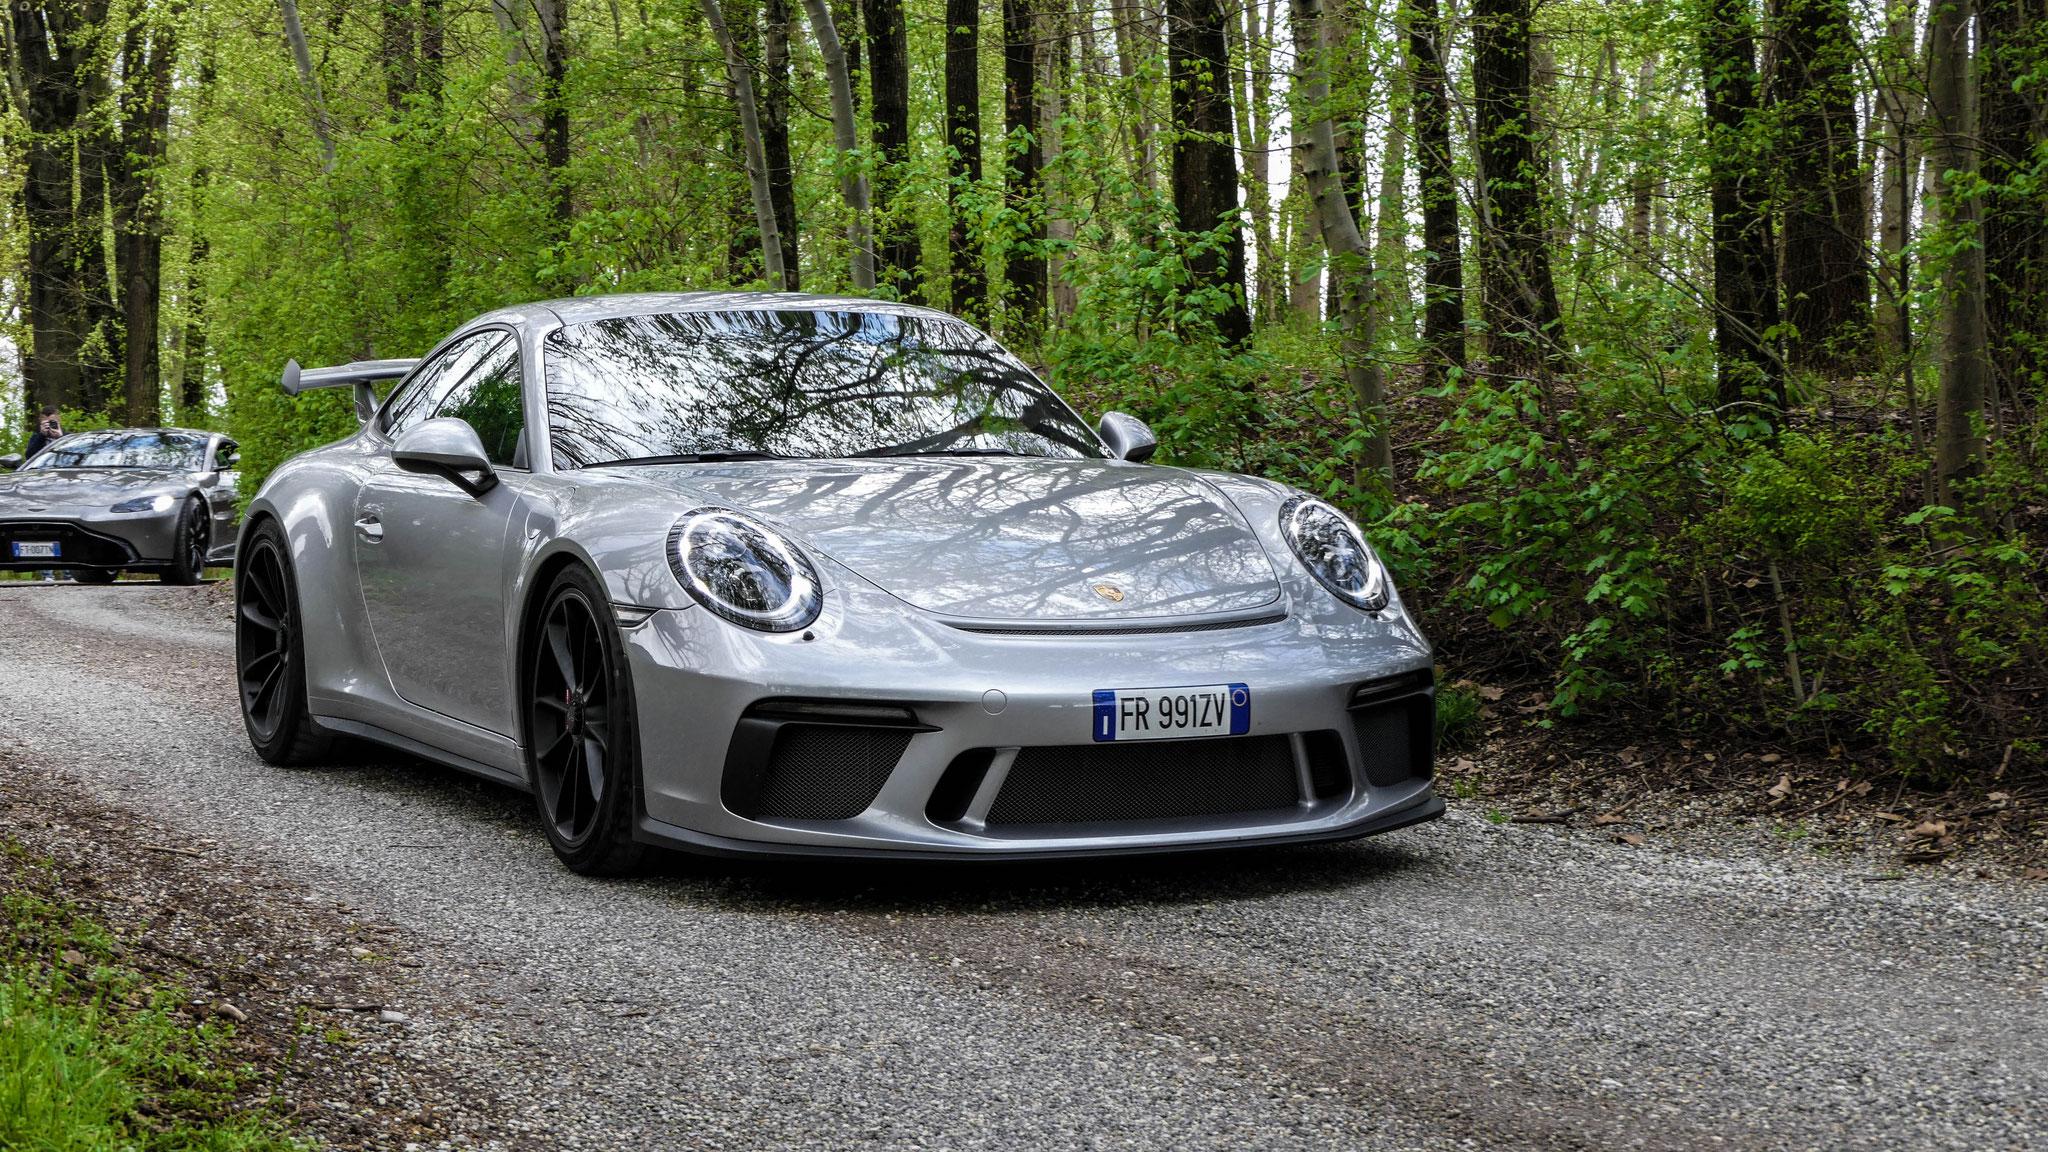 Porsche 991 GT3 - FR-991-ZV (ITA)